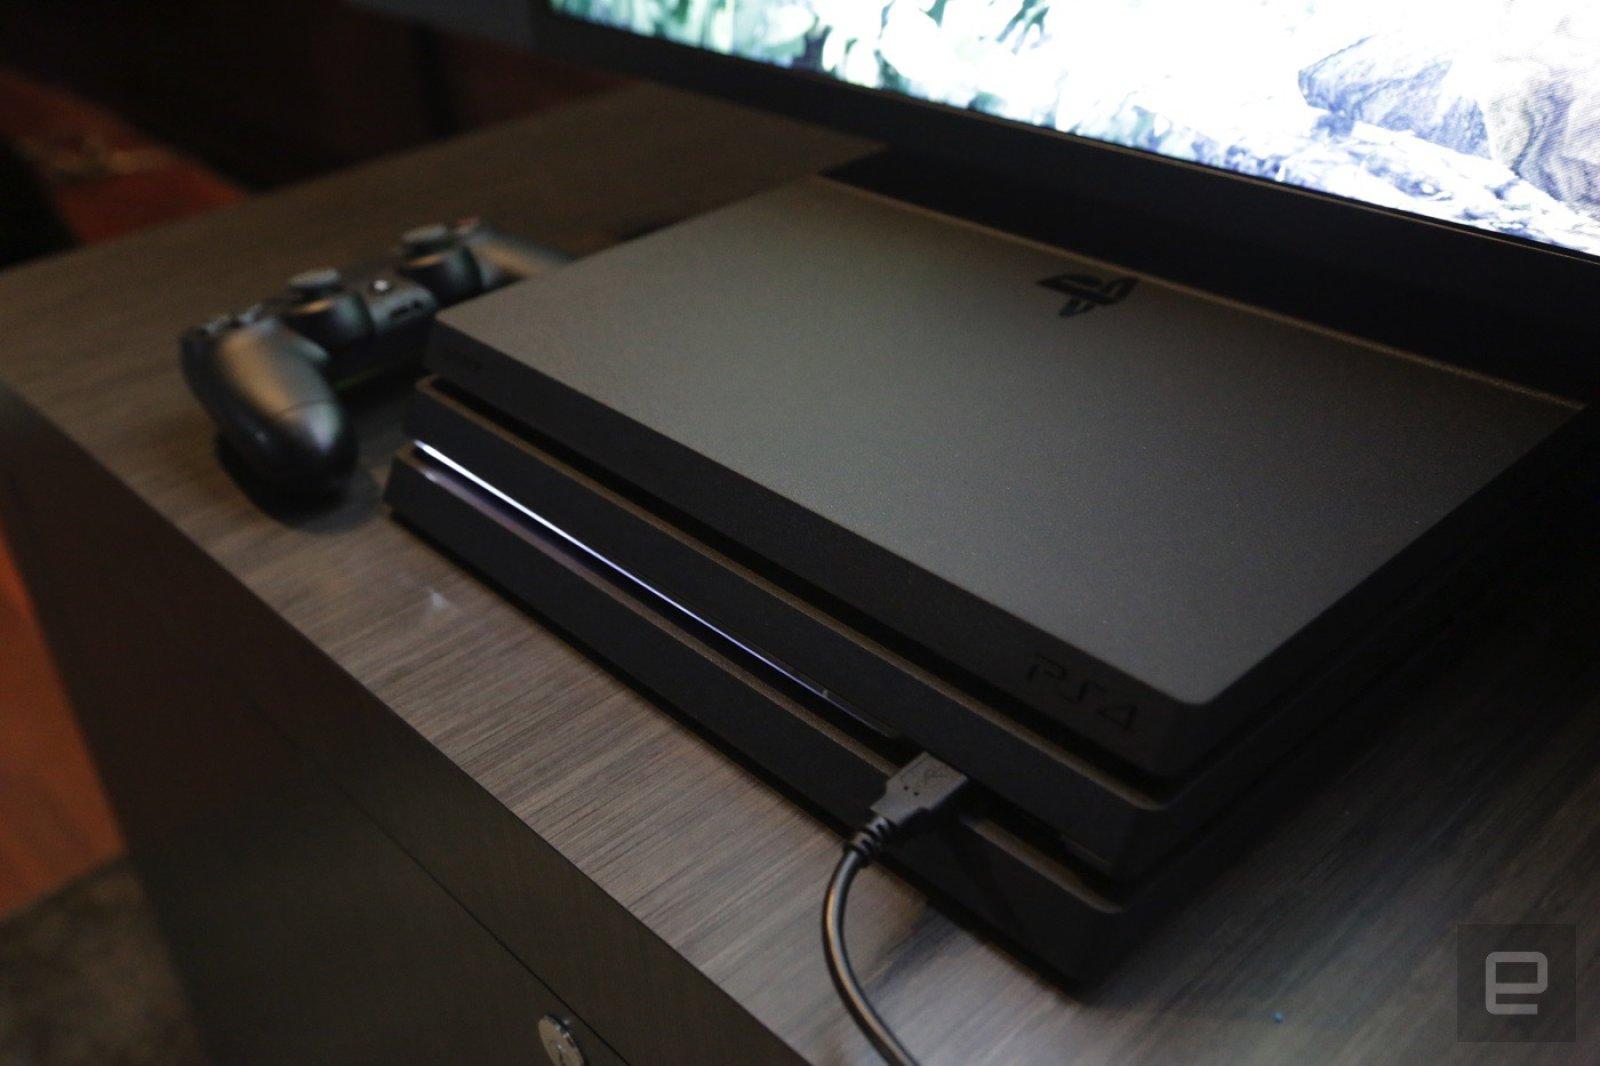 ¿Qué es PlayStation 4 Pro?